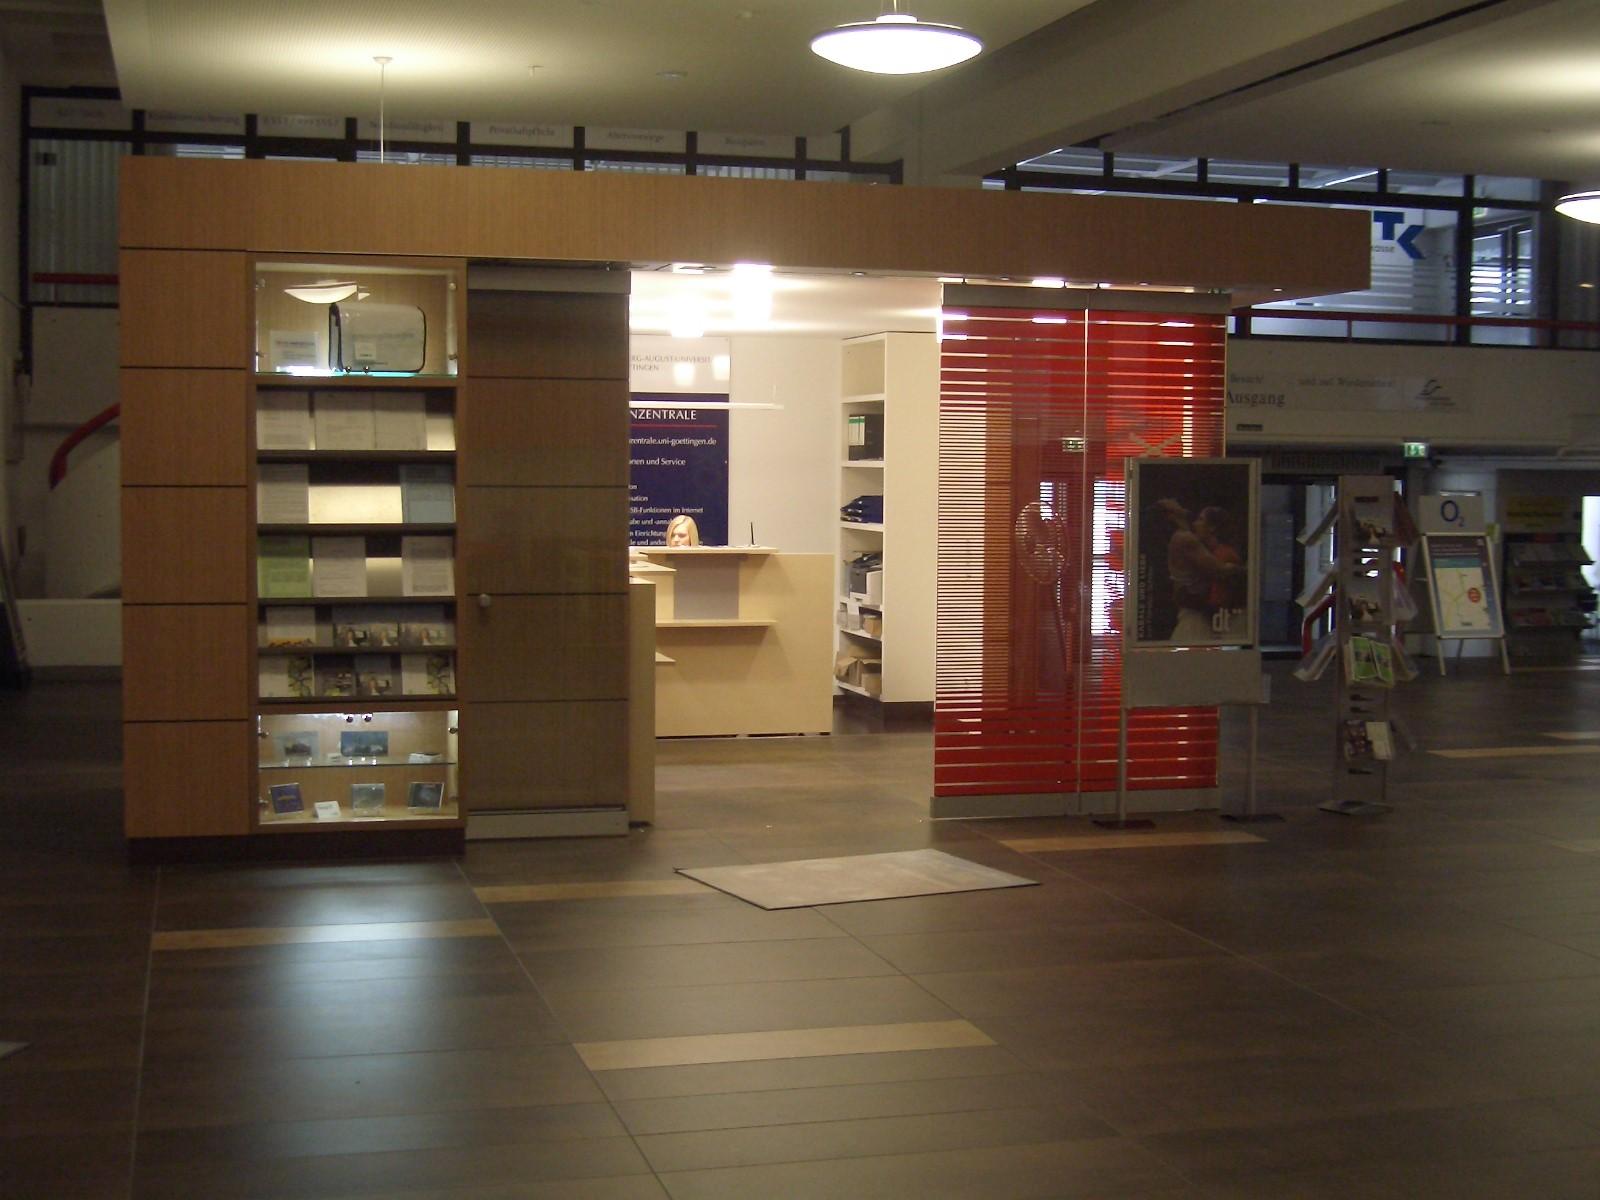 Brandschutz-/Hygienesanierung Zentralmensa Göttingen